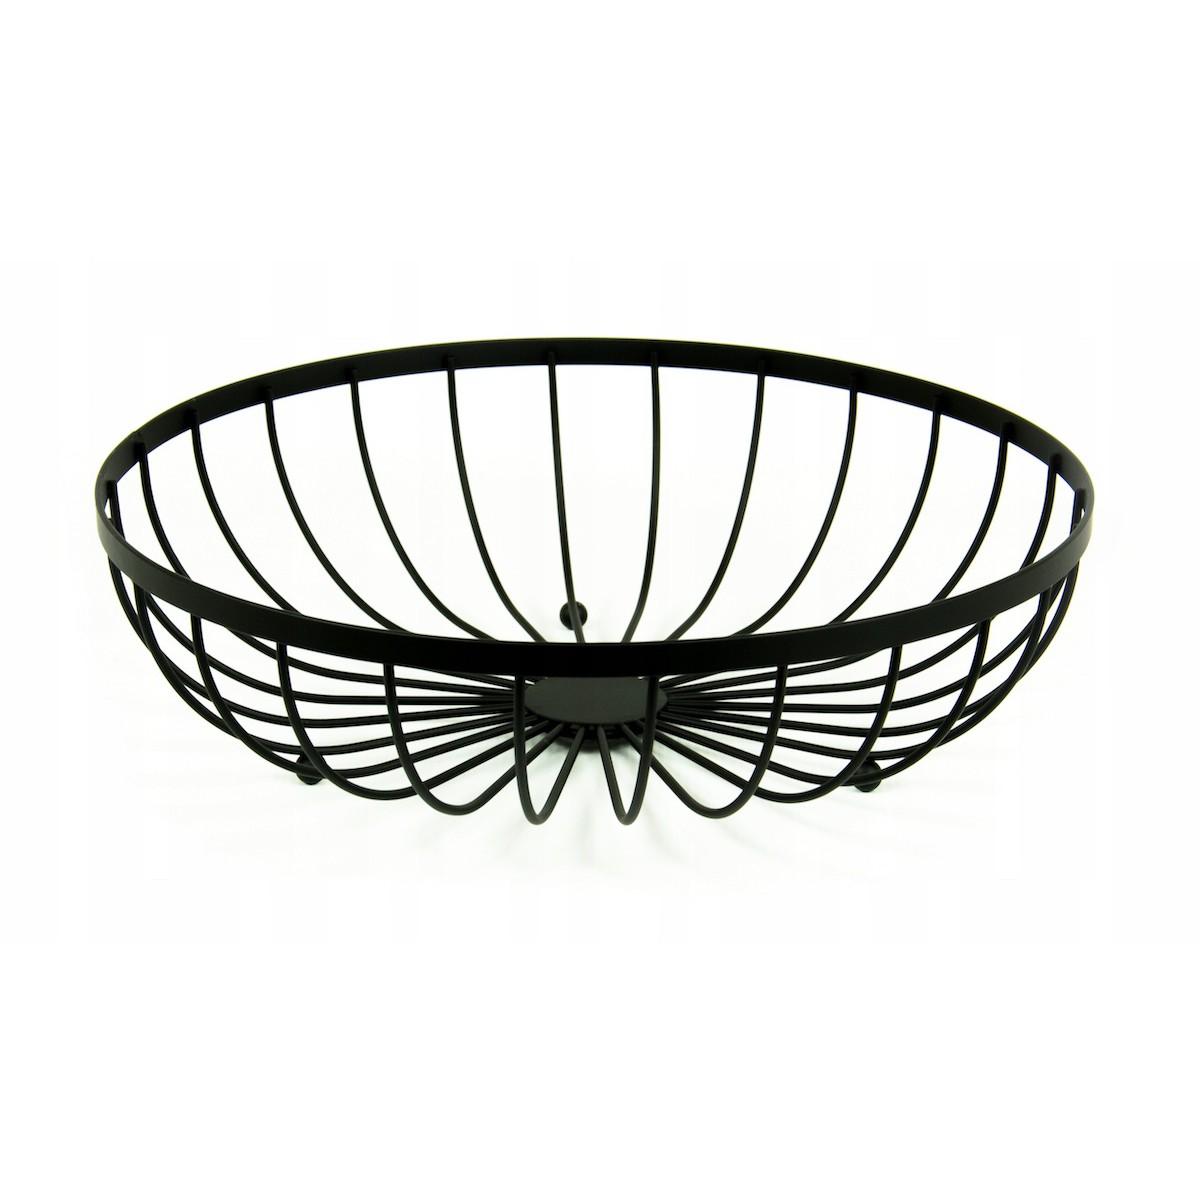 košík na ovocie čierny drôtený 30x8cm megamix.sk